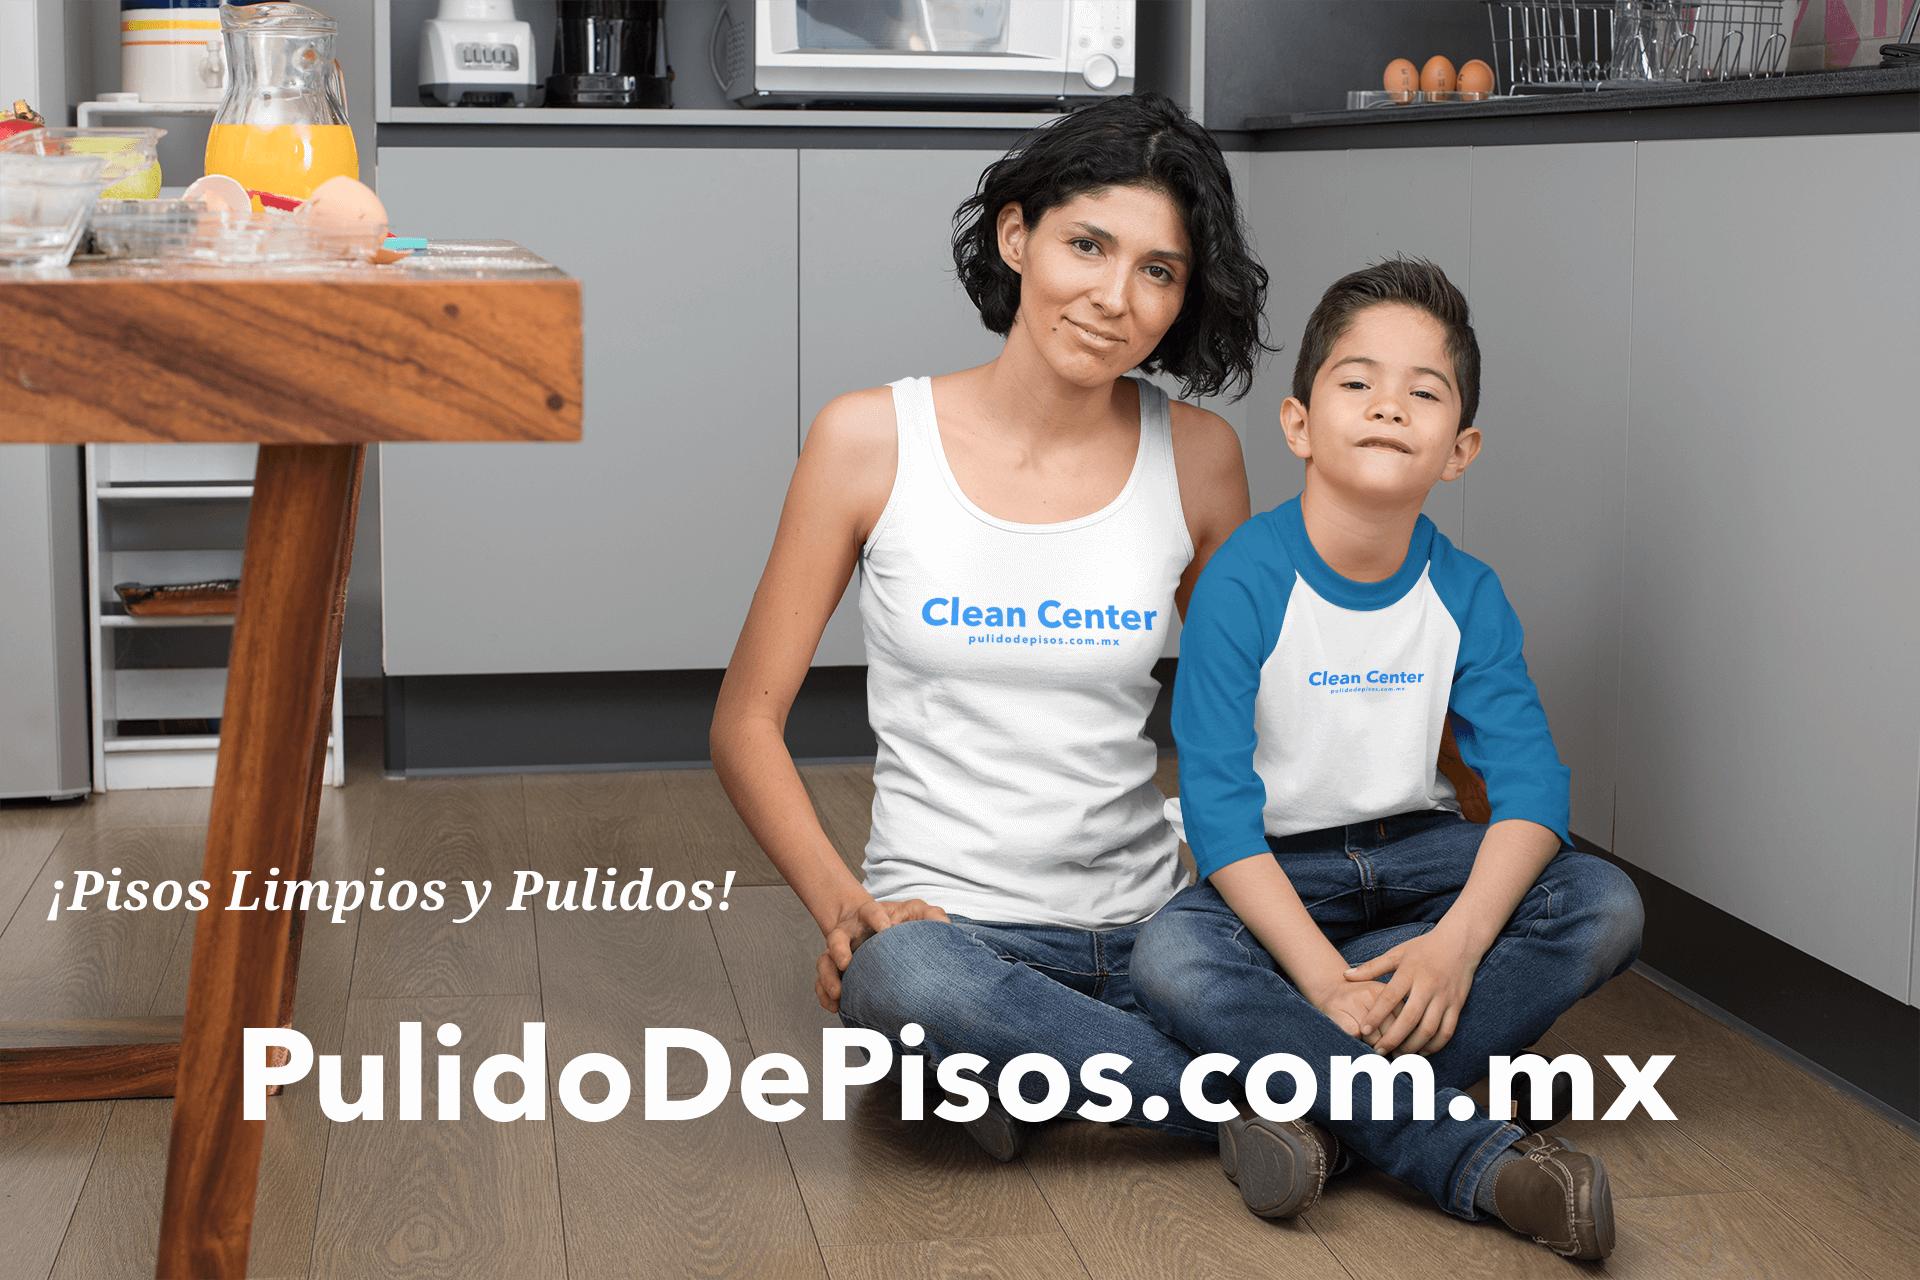 Limpieza y Pulido: